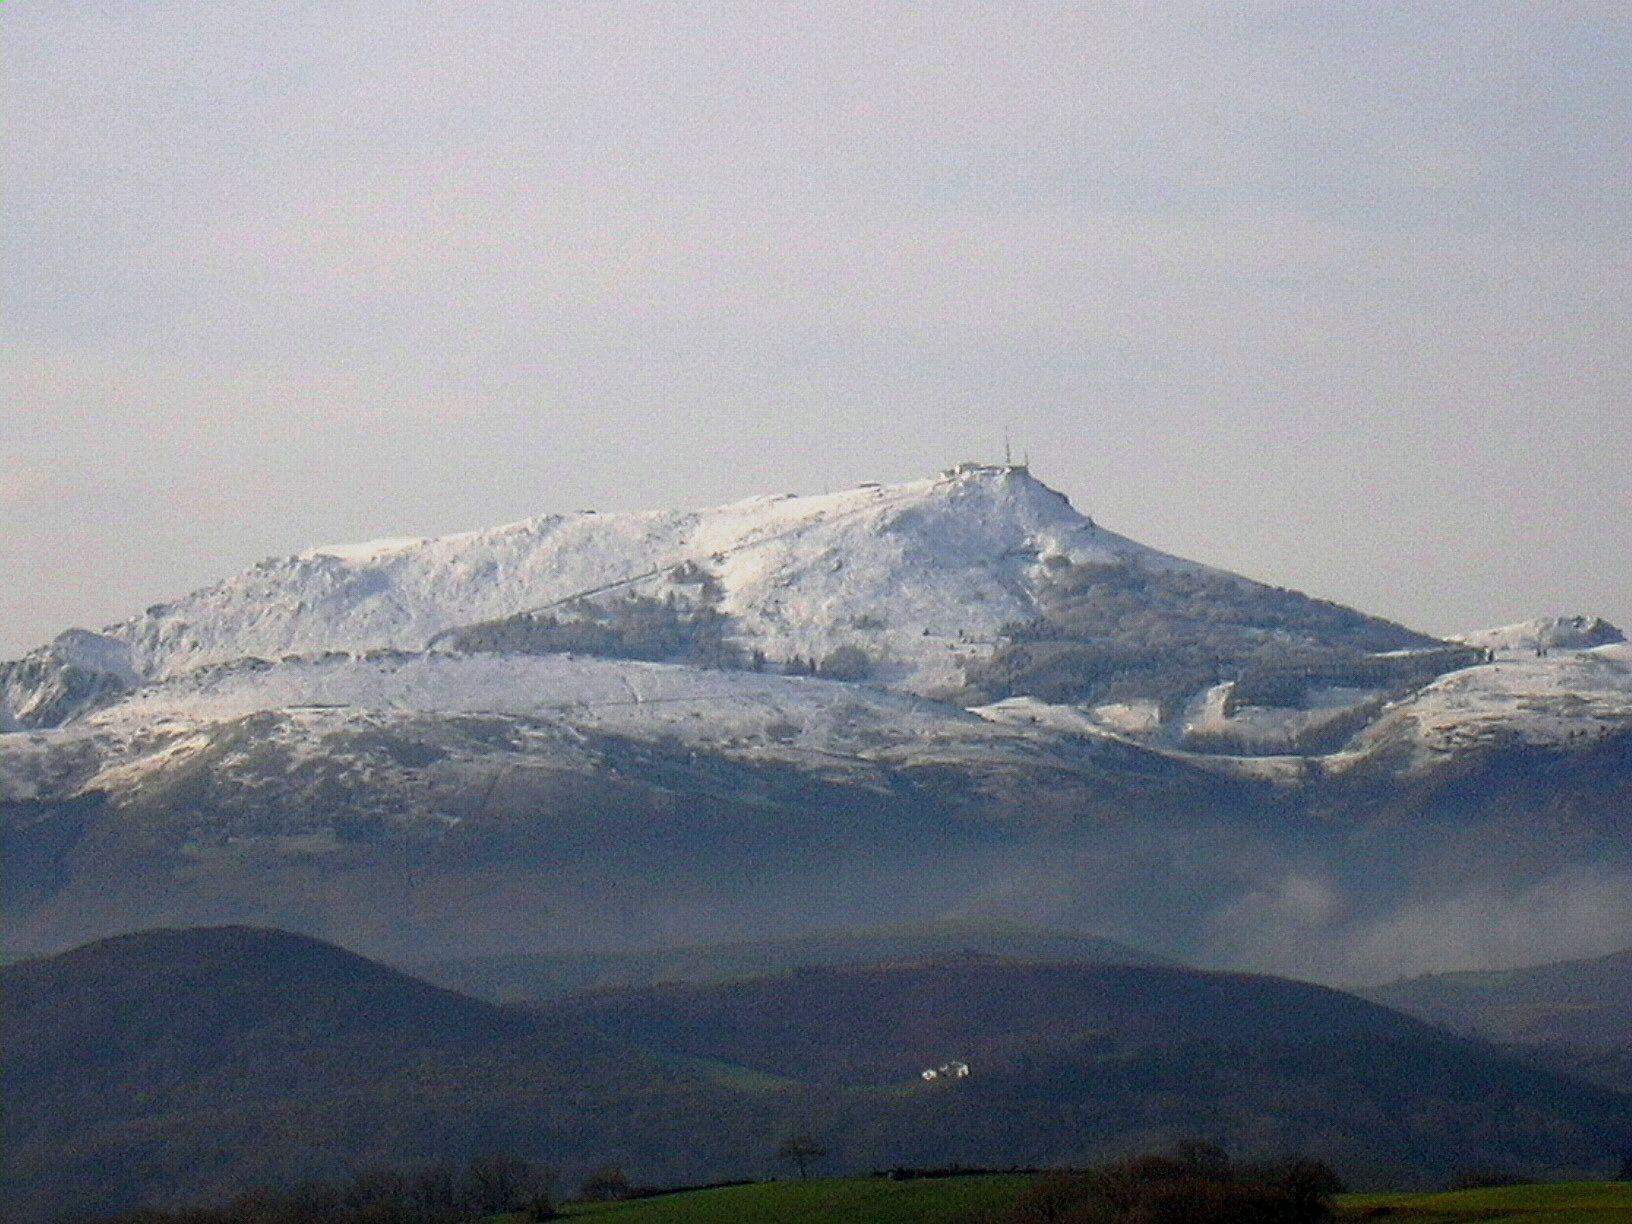 La montagne basque en hiver for Distri center la montagne